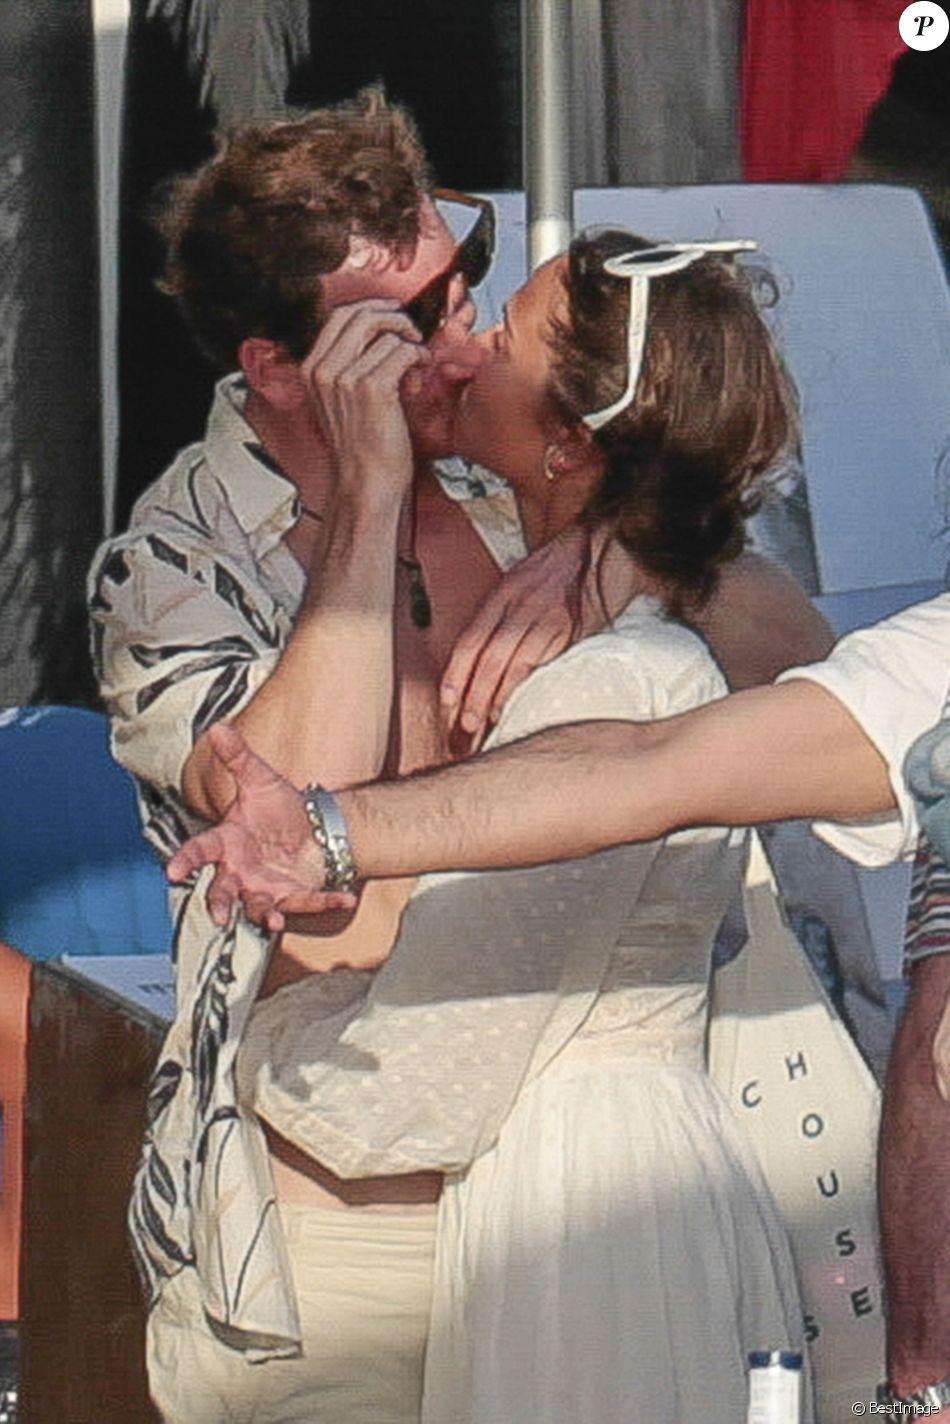 Exclusif - Alicia Vikander embrasse son compagnon Michael Fassbender lors de la fête de leur pré-mariage avec la famille et les amis à Ibiza à Ibiza, espagne, le 13 octobre 2017.